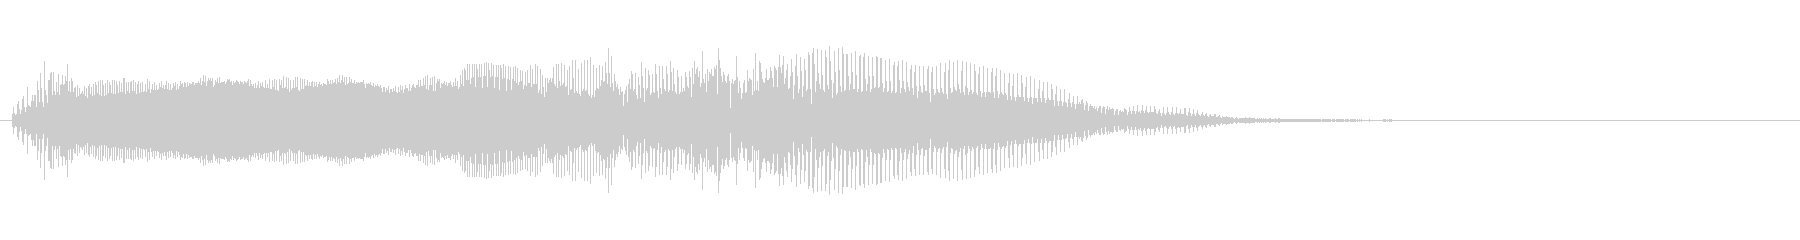 バイオリン:2つのノートスライド、...の未再生の波形